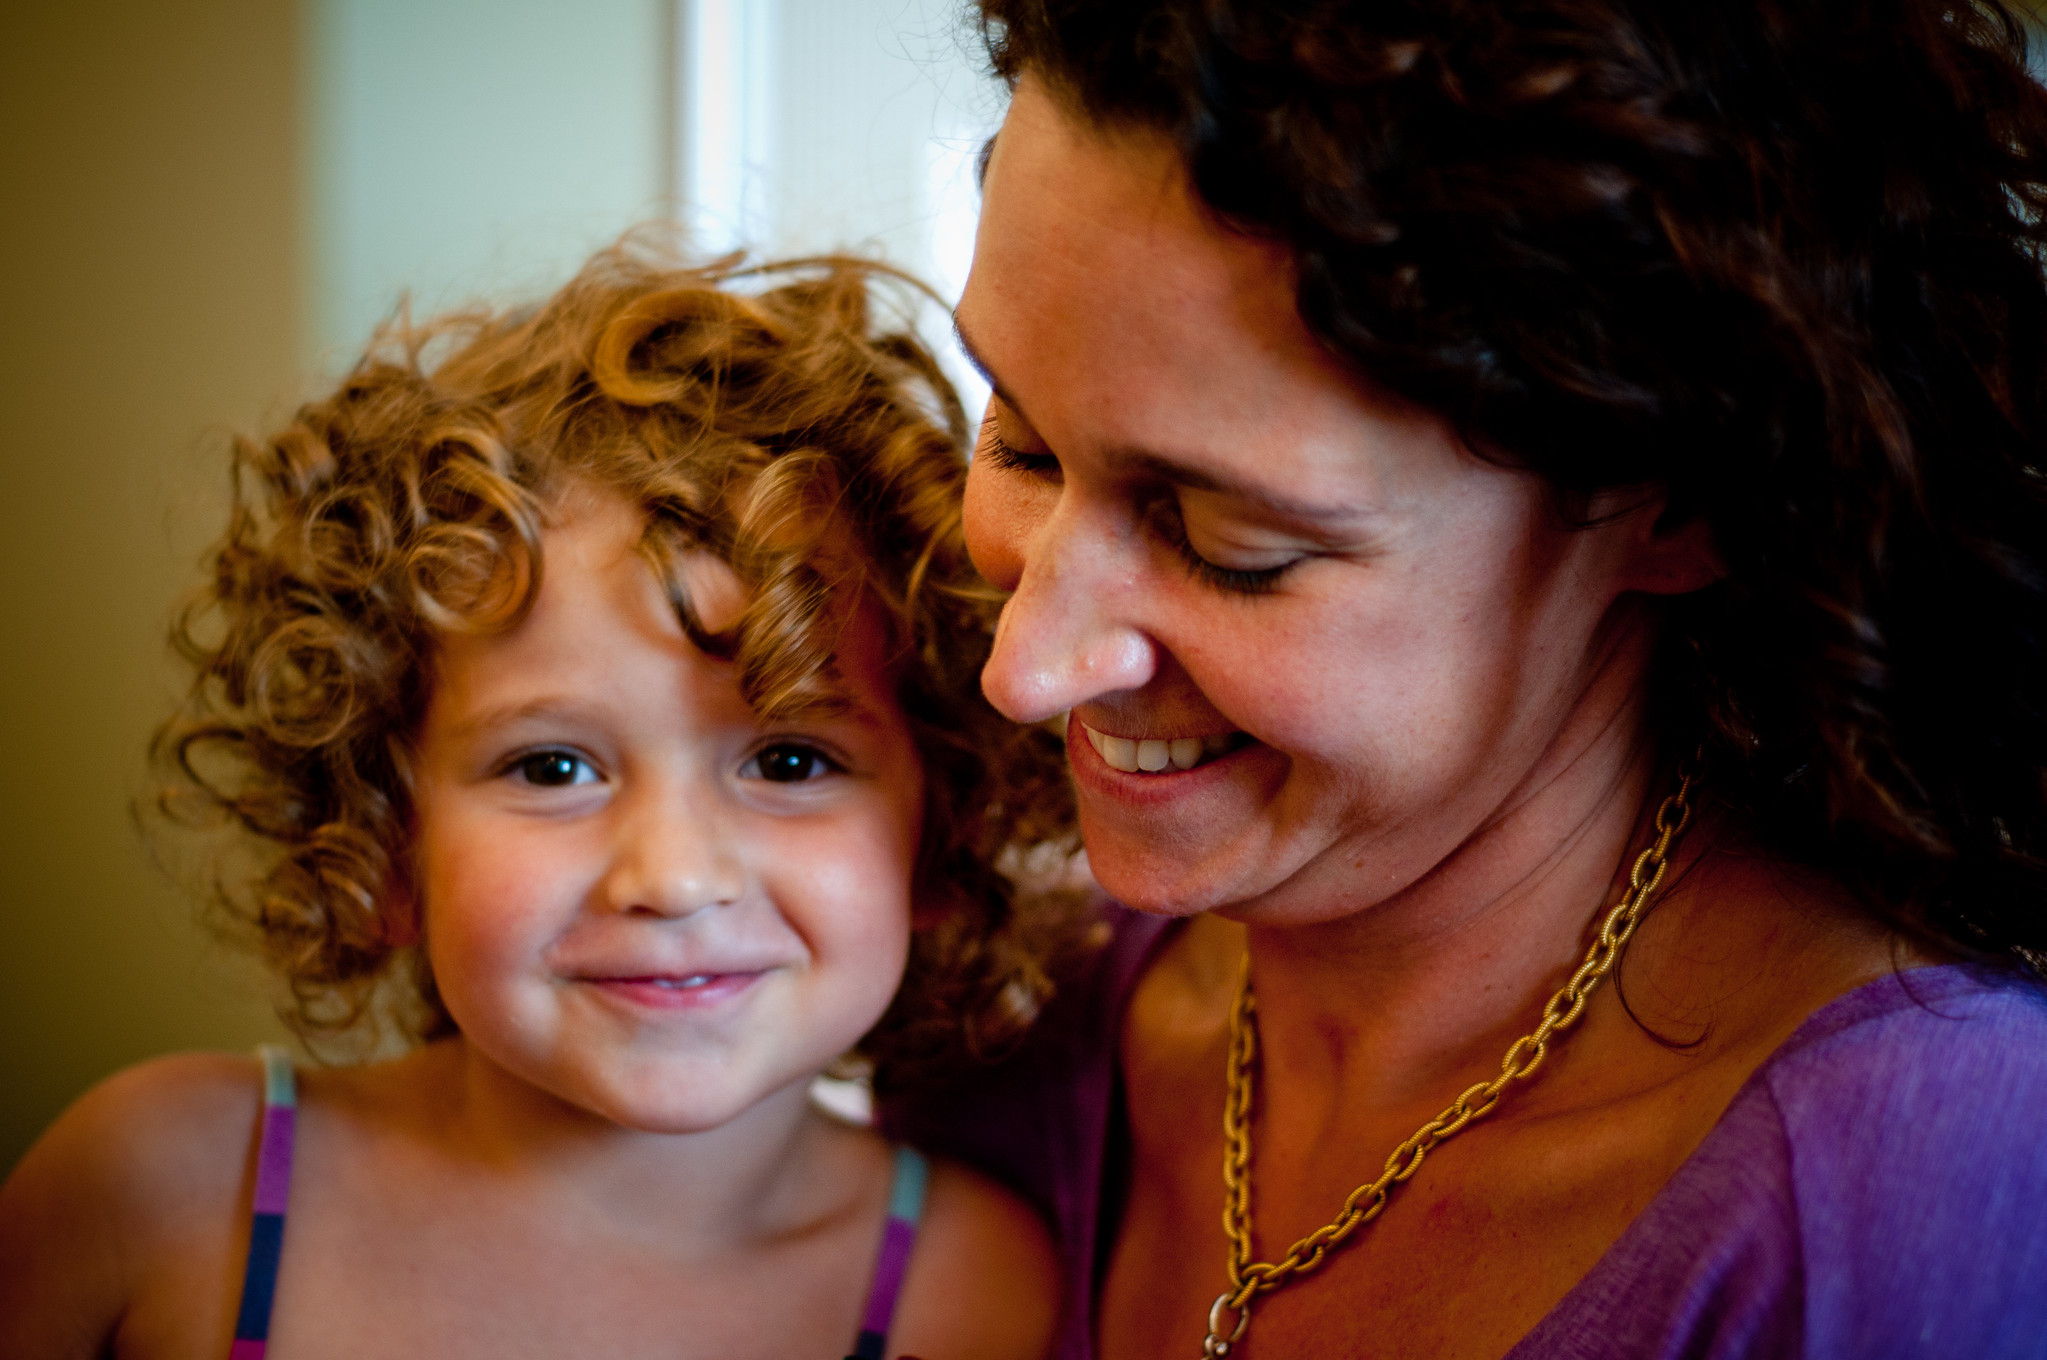 입양 가족 : 부모 이야기 및 자료